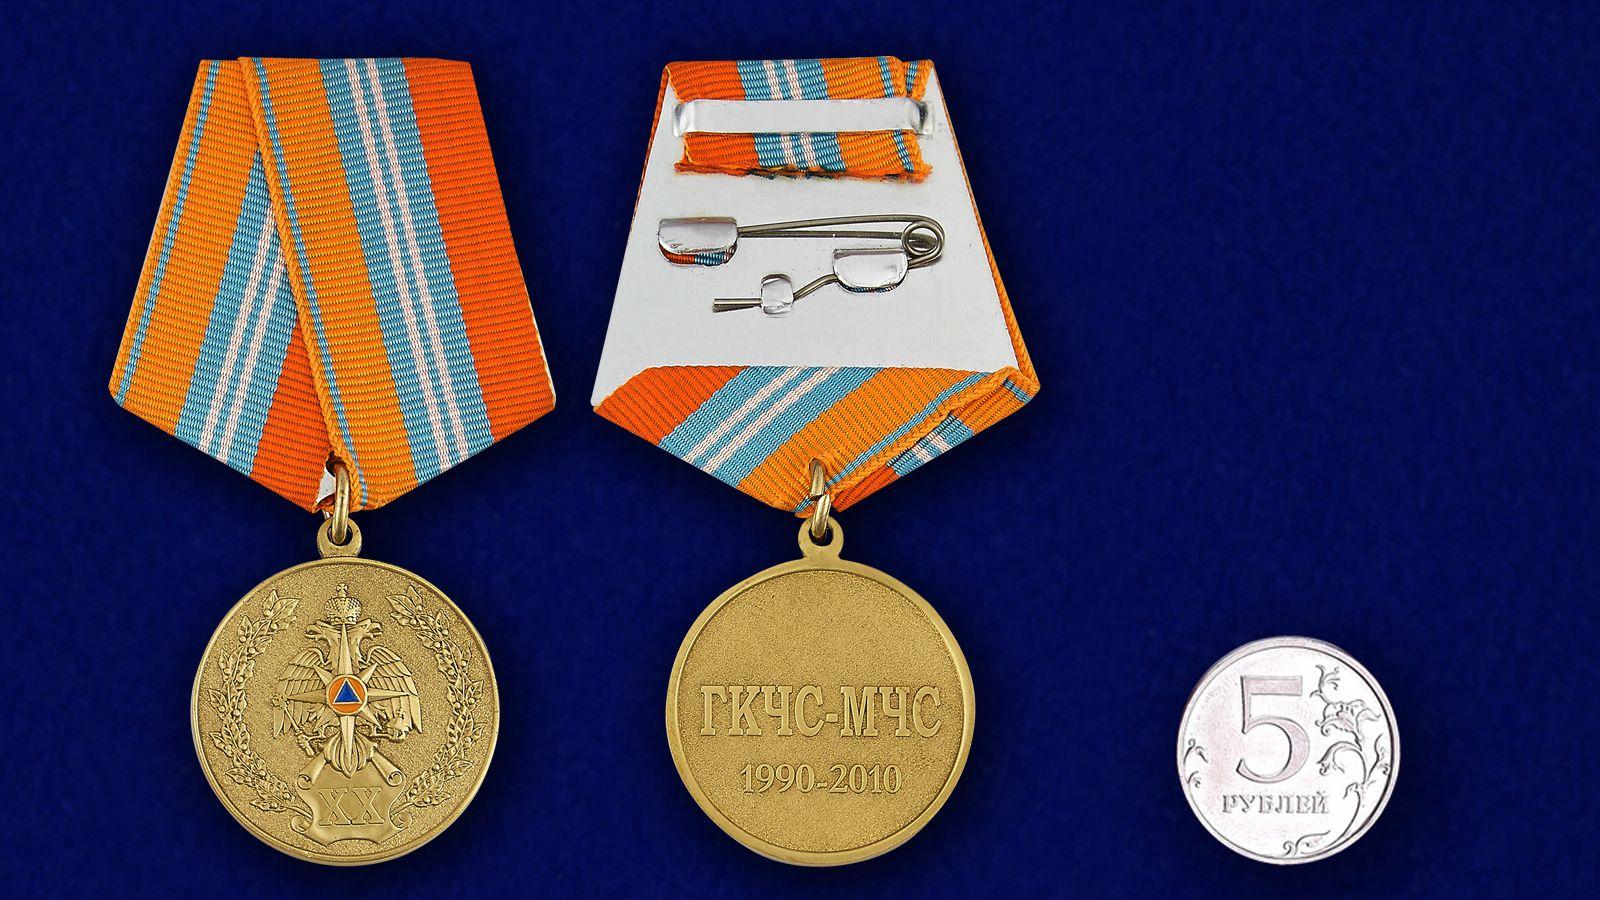 Медаль к 20-летию ГКЧС-МЧС в бархатистом футляре с пластиковой крышкой - сравнительный вид